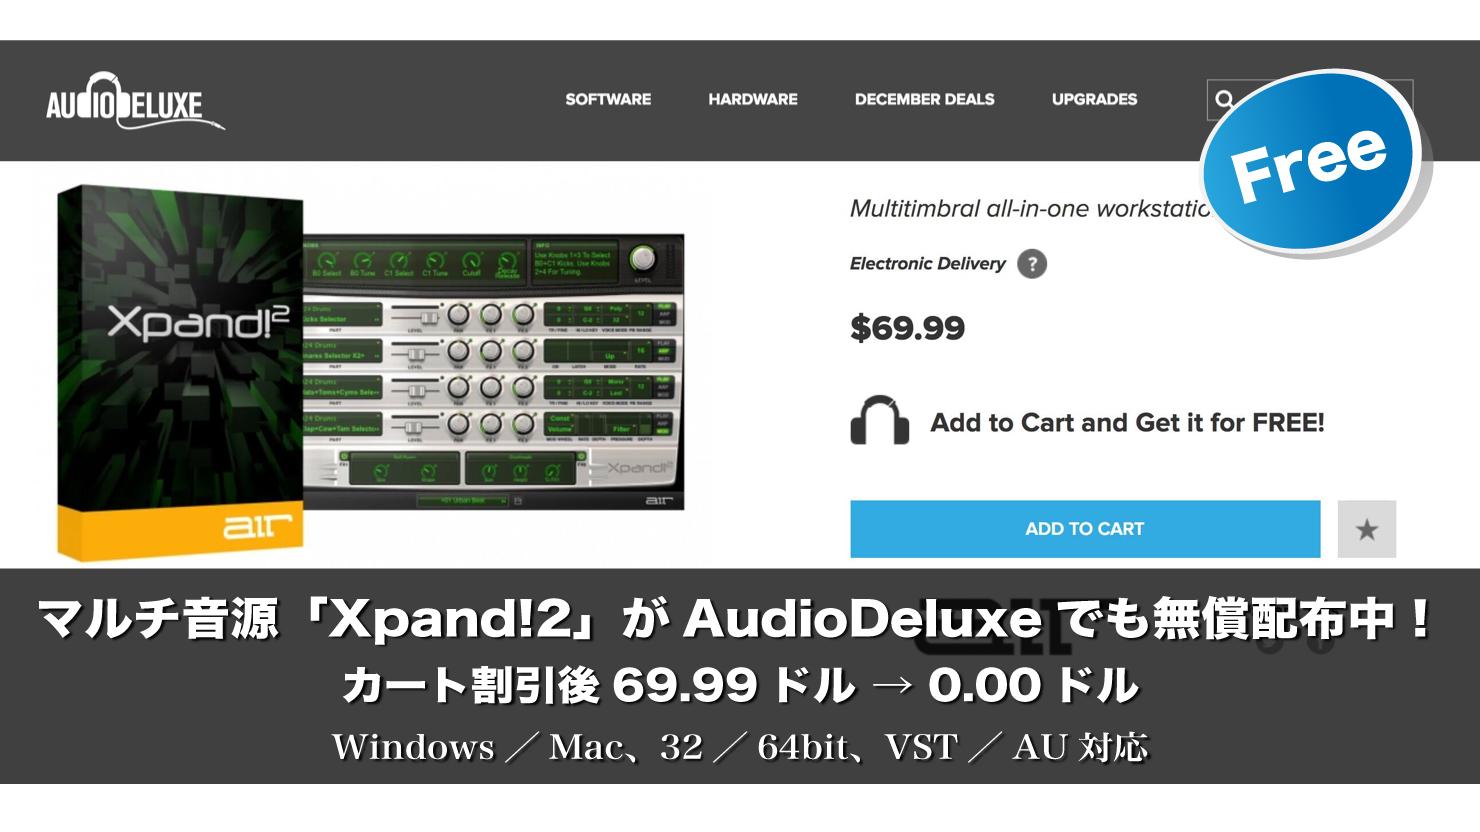 【無料】マルチ音源 AIR Music Technology「Xpand!2」がAudioDeluxeでも無償配布中!